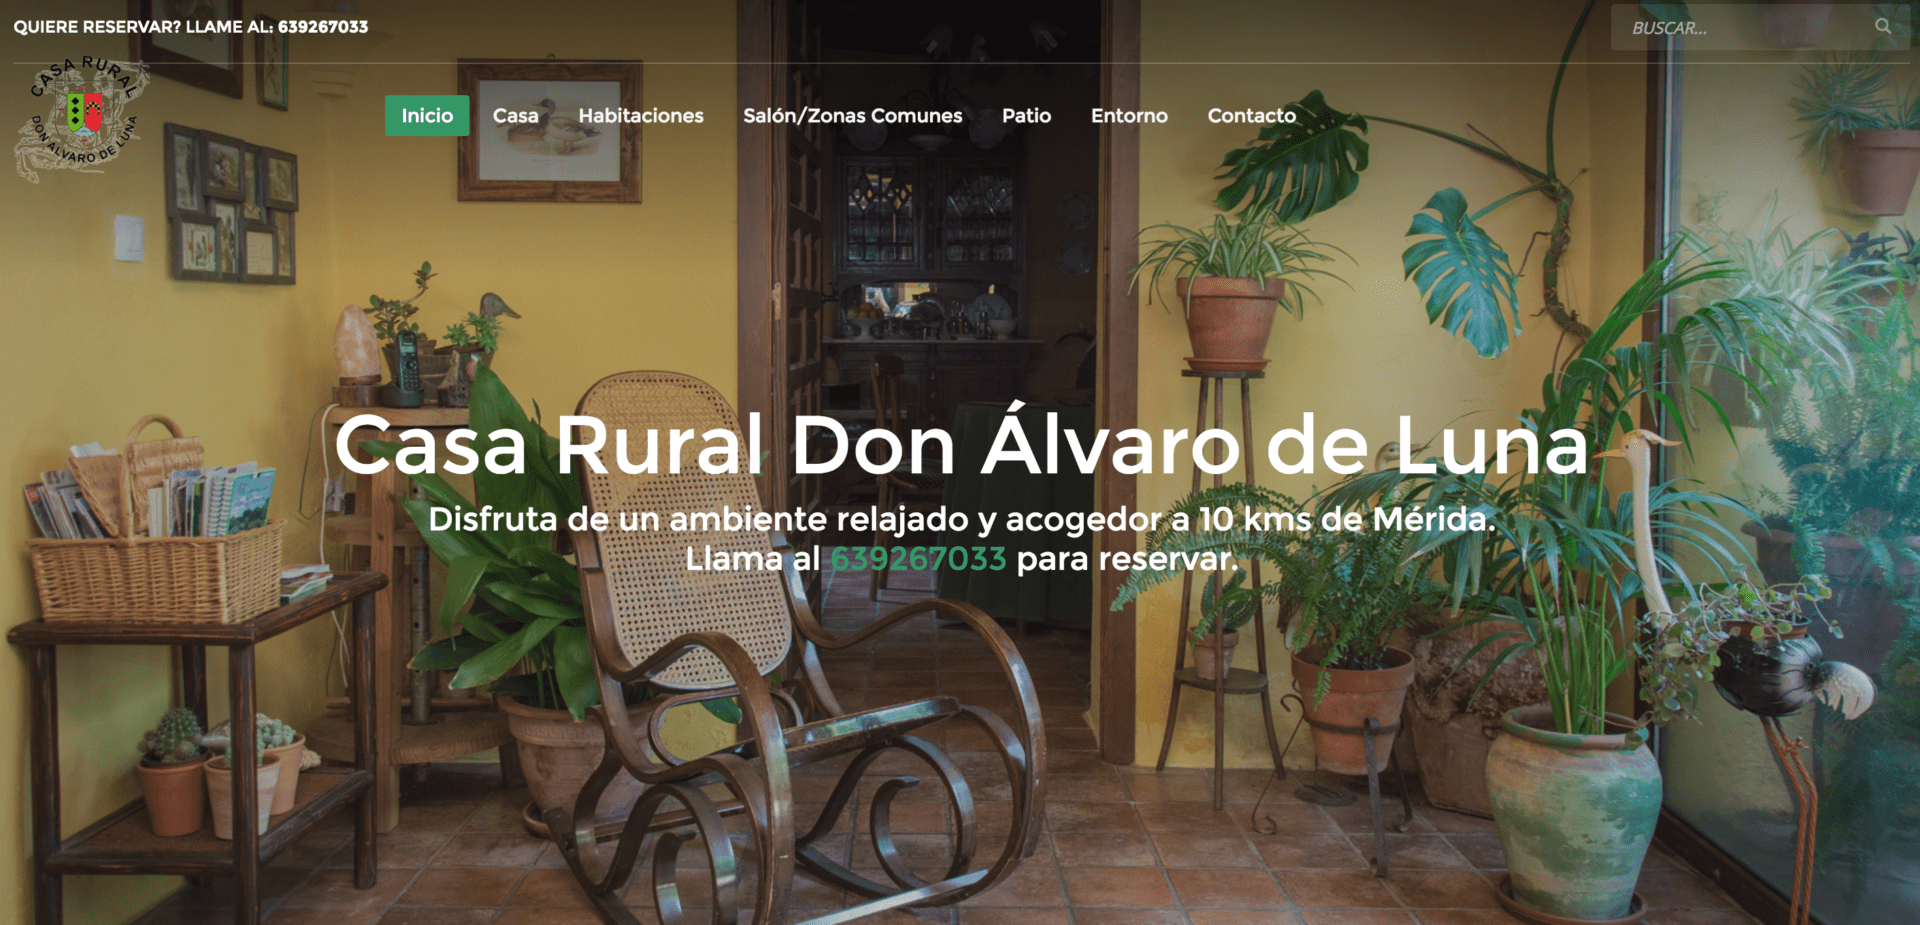 Alojamientos rurales que apuestan por renovar su web